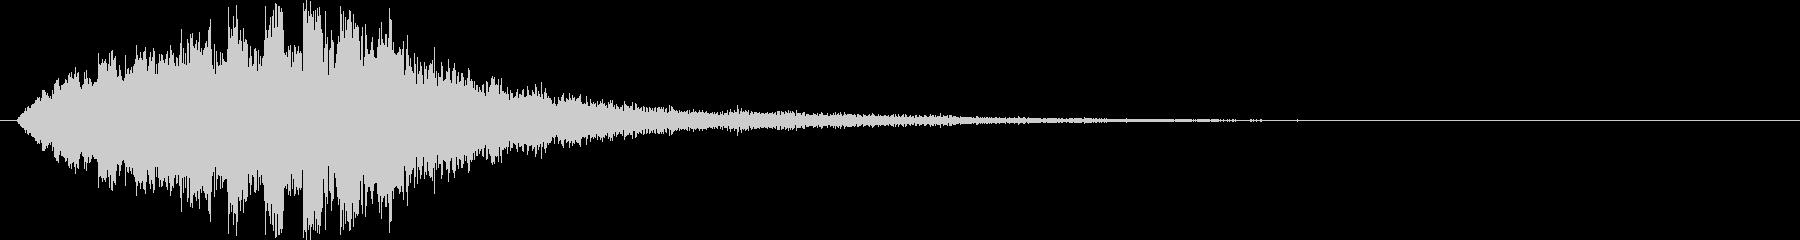 ピロロロロロ↓(場面転換、流れ星)の未再生の波形